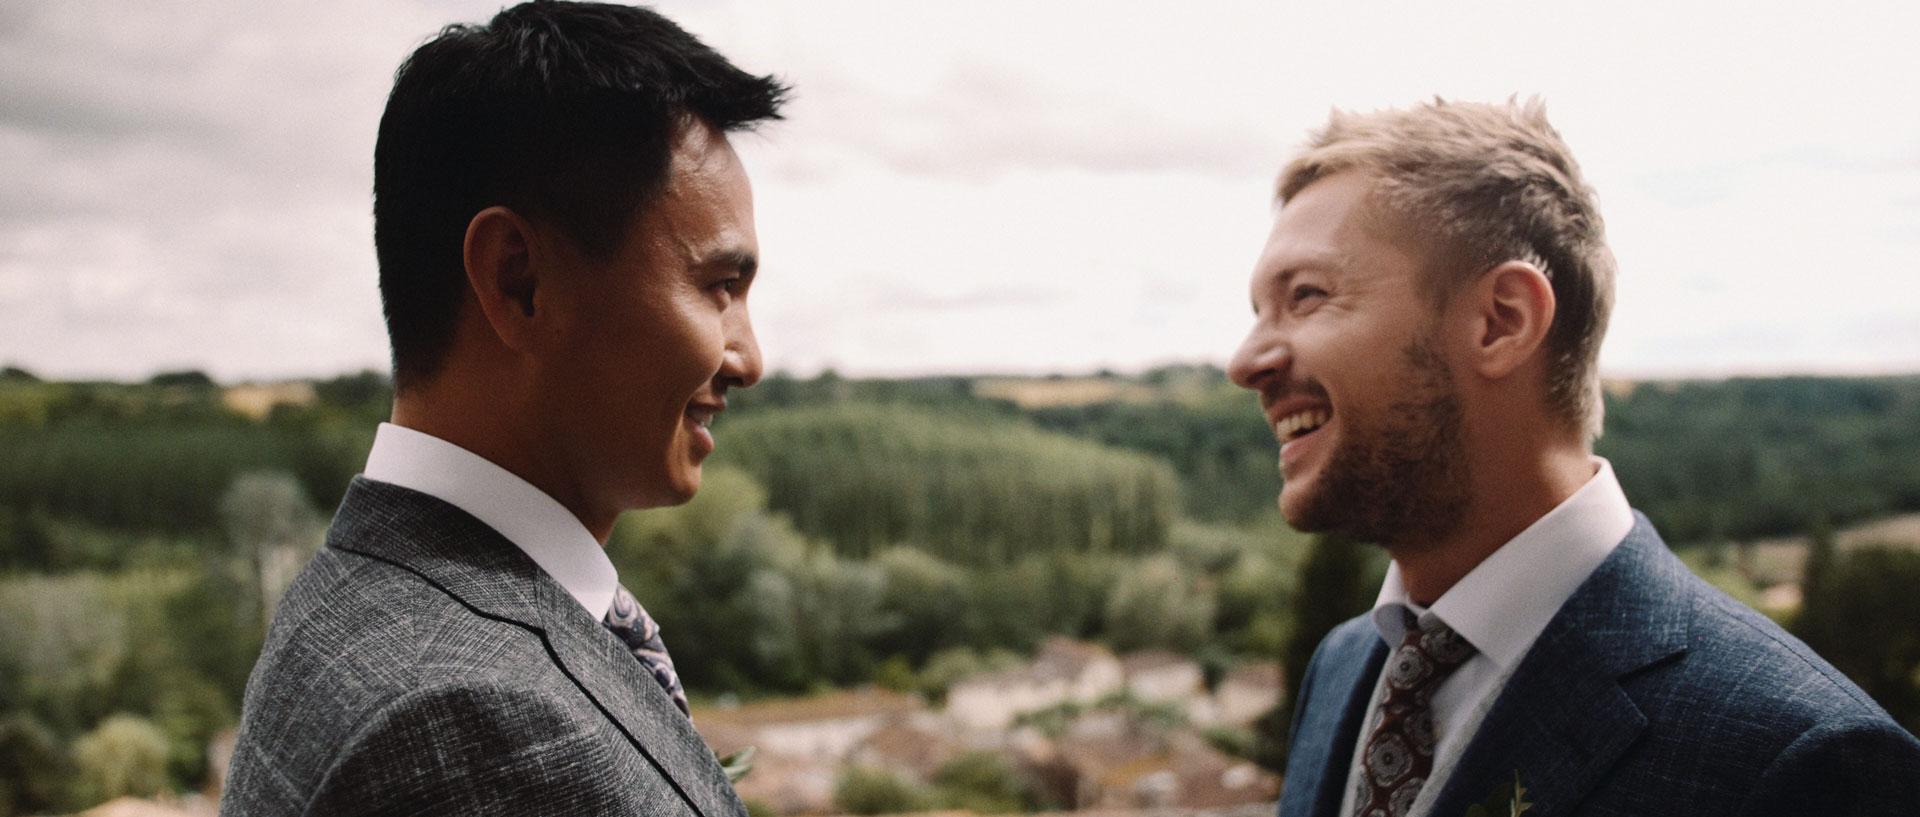 Sam-&-David---Wedding-Film.00_01_50_08.jpg